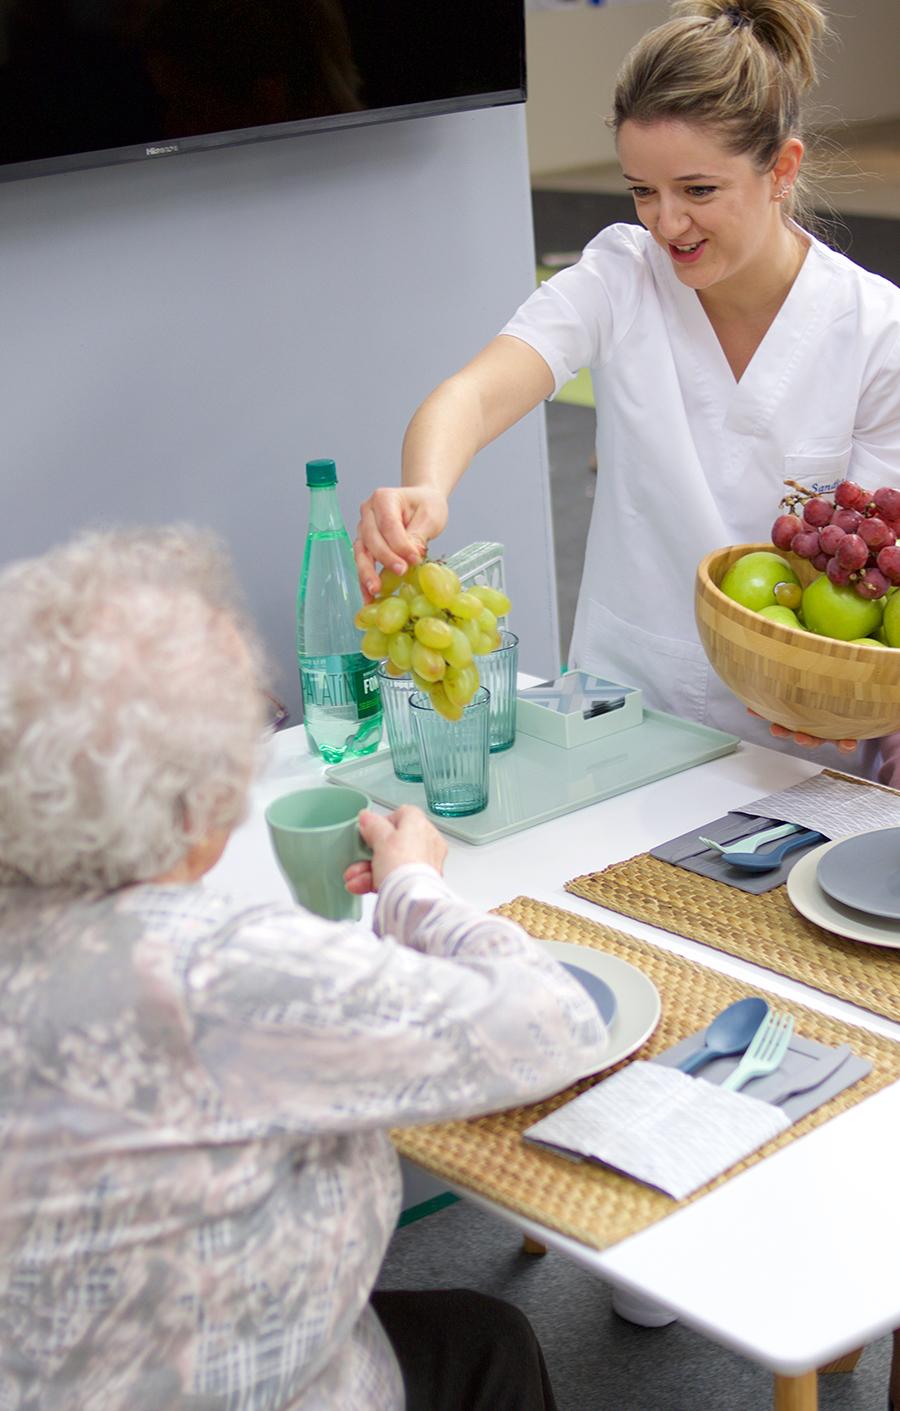 fruta - Solicitud de ingreso